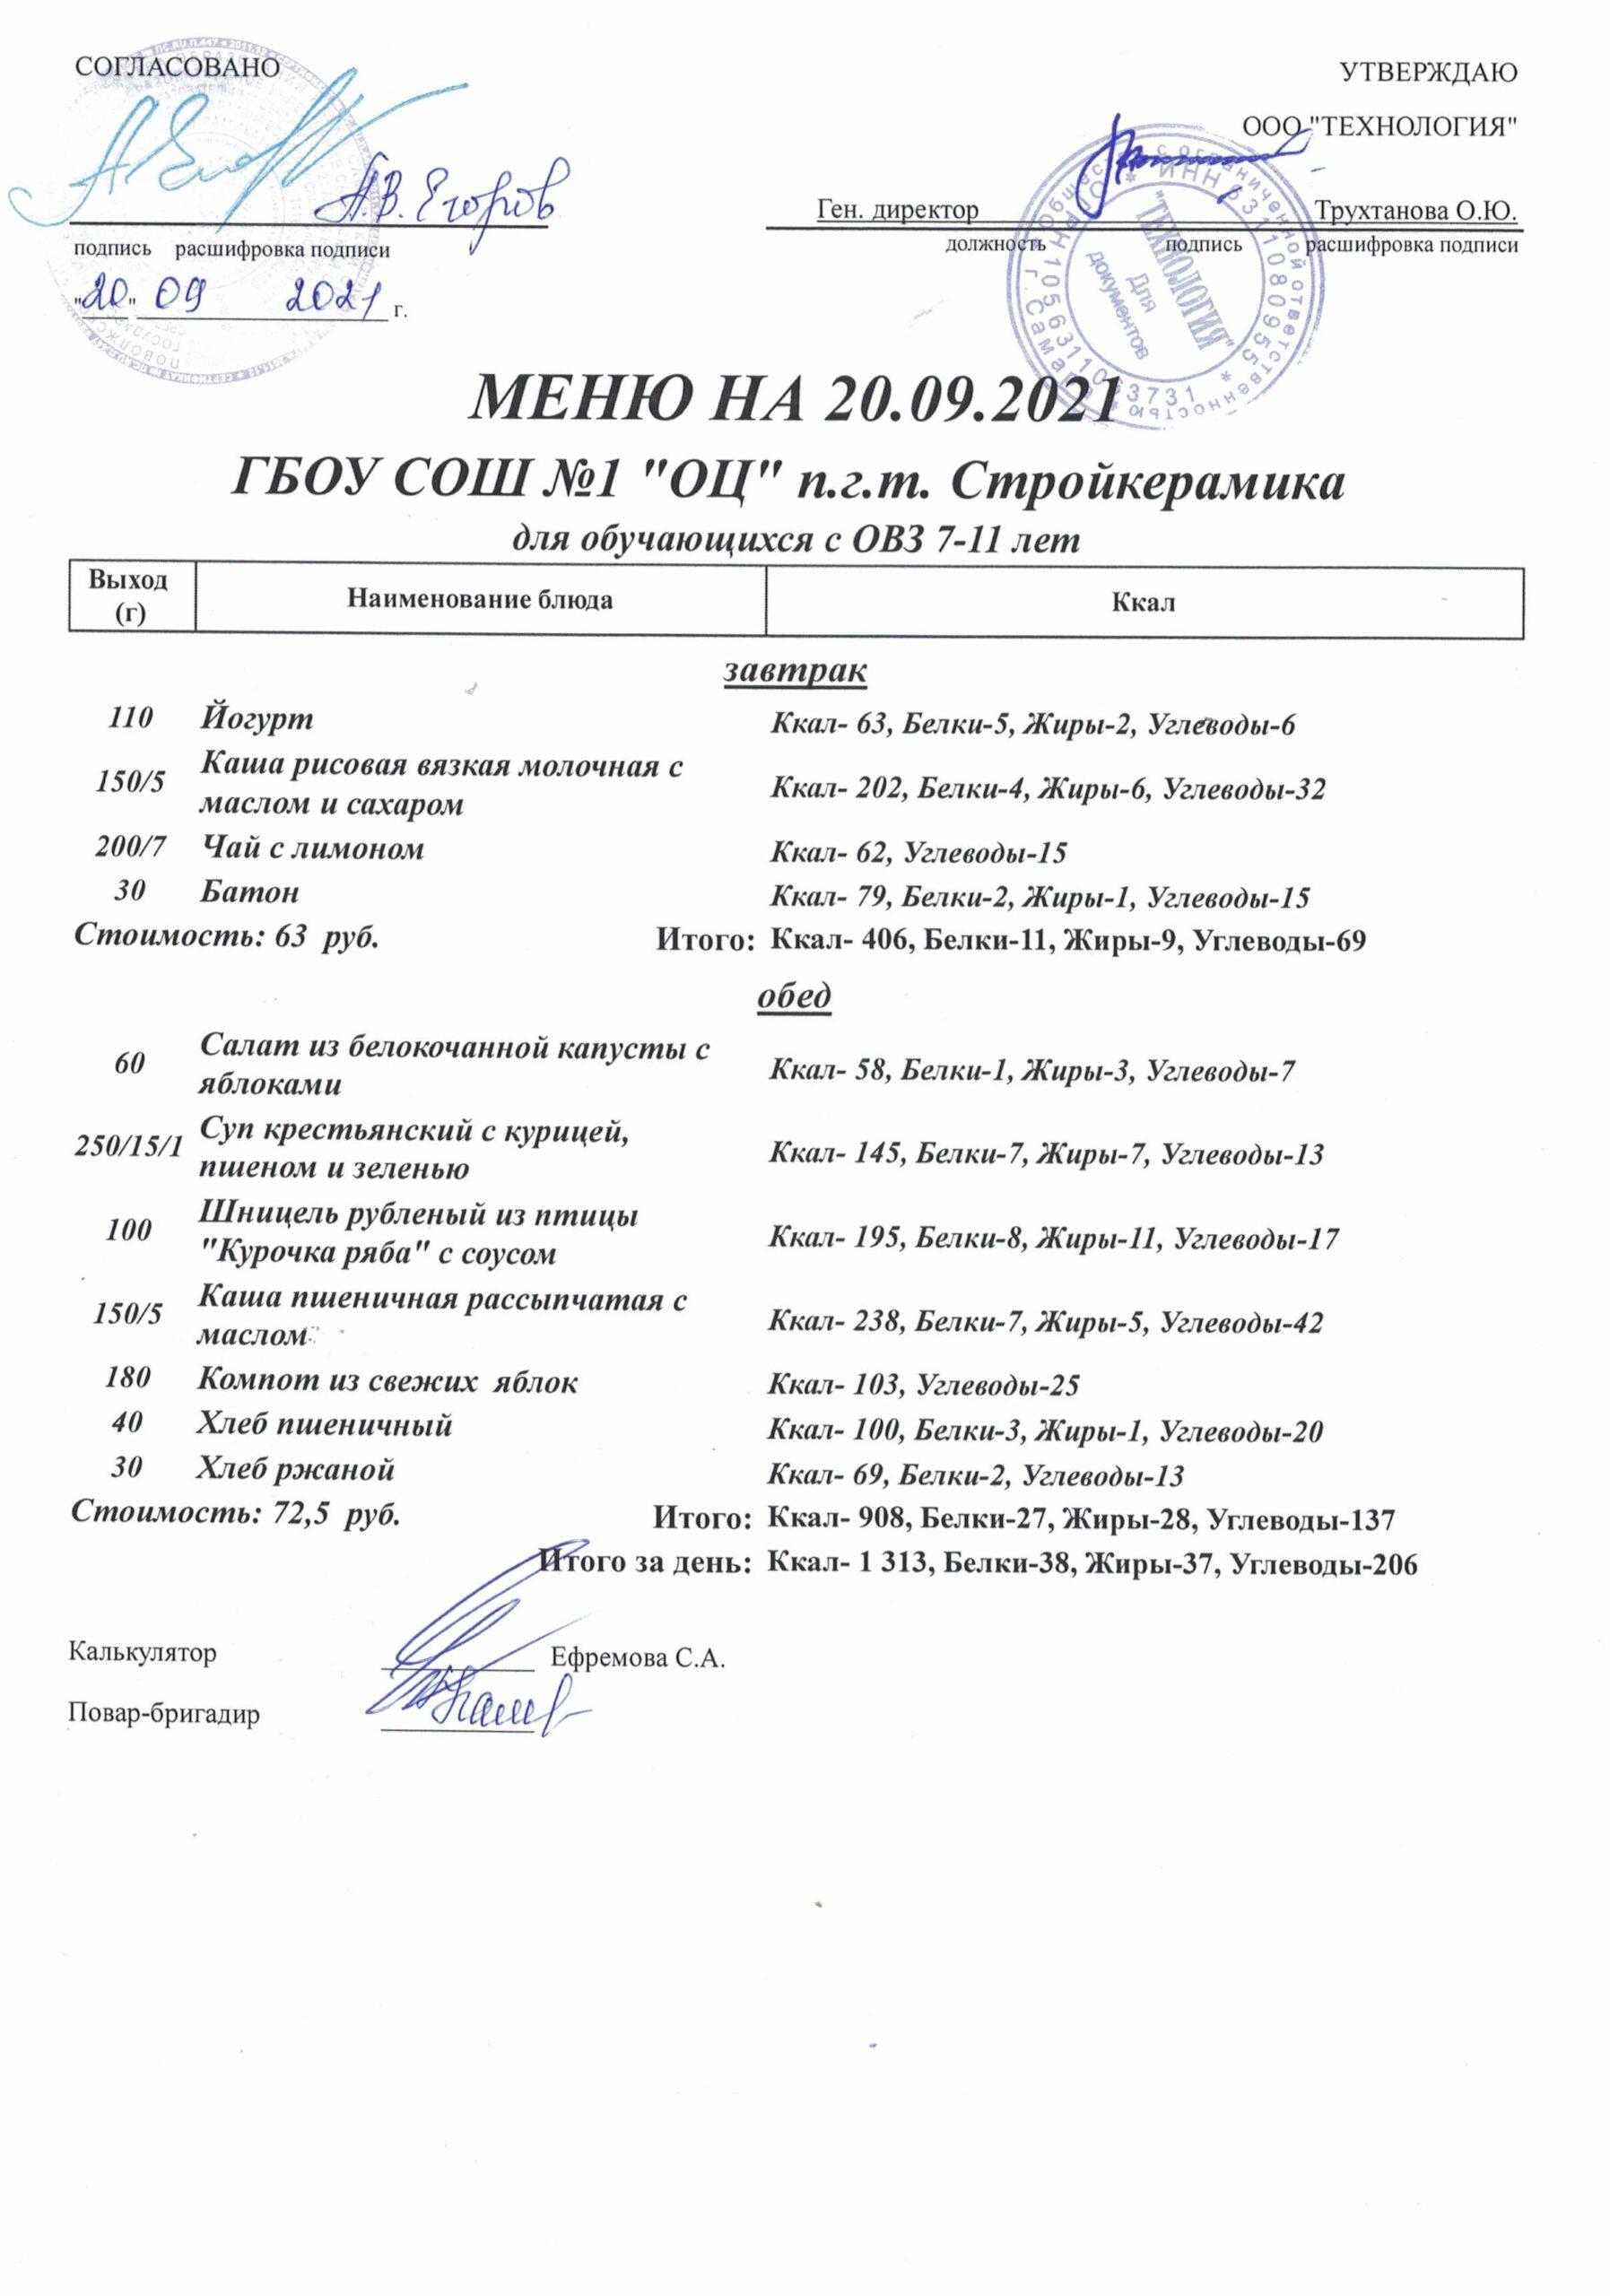 78D2DD77-B66D-40D2-9B50-7E0446C15485